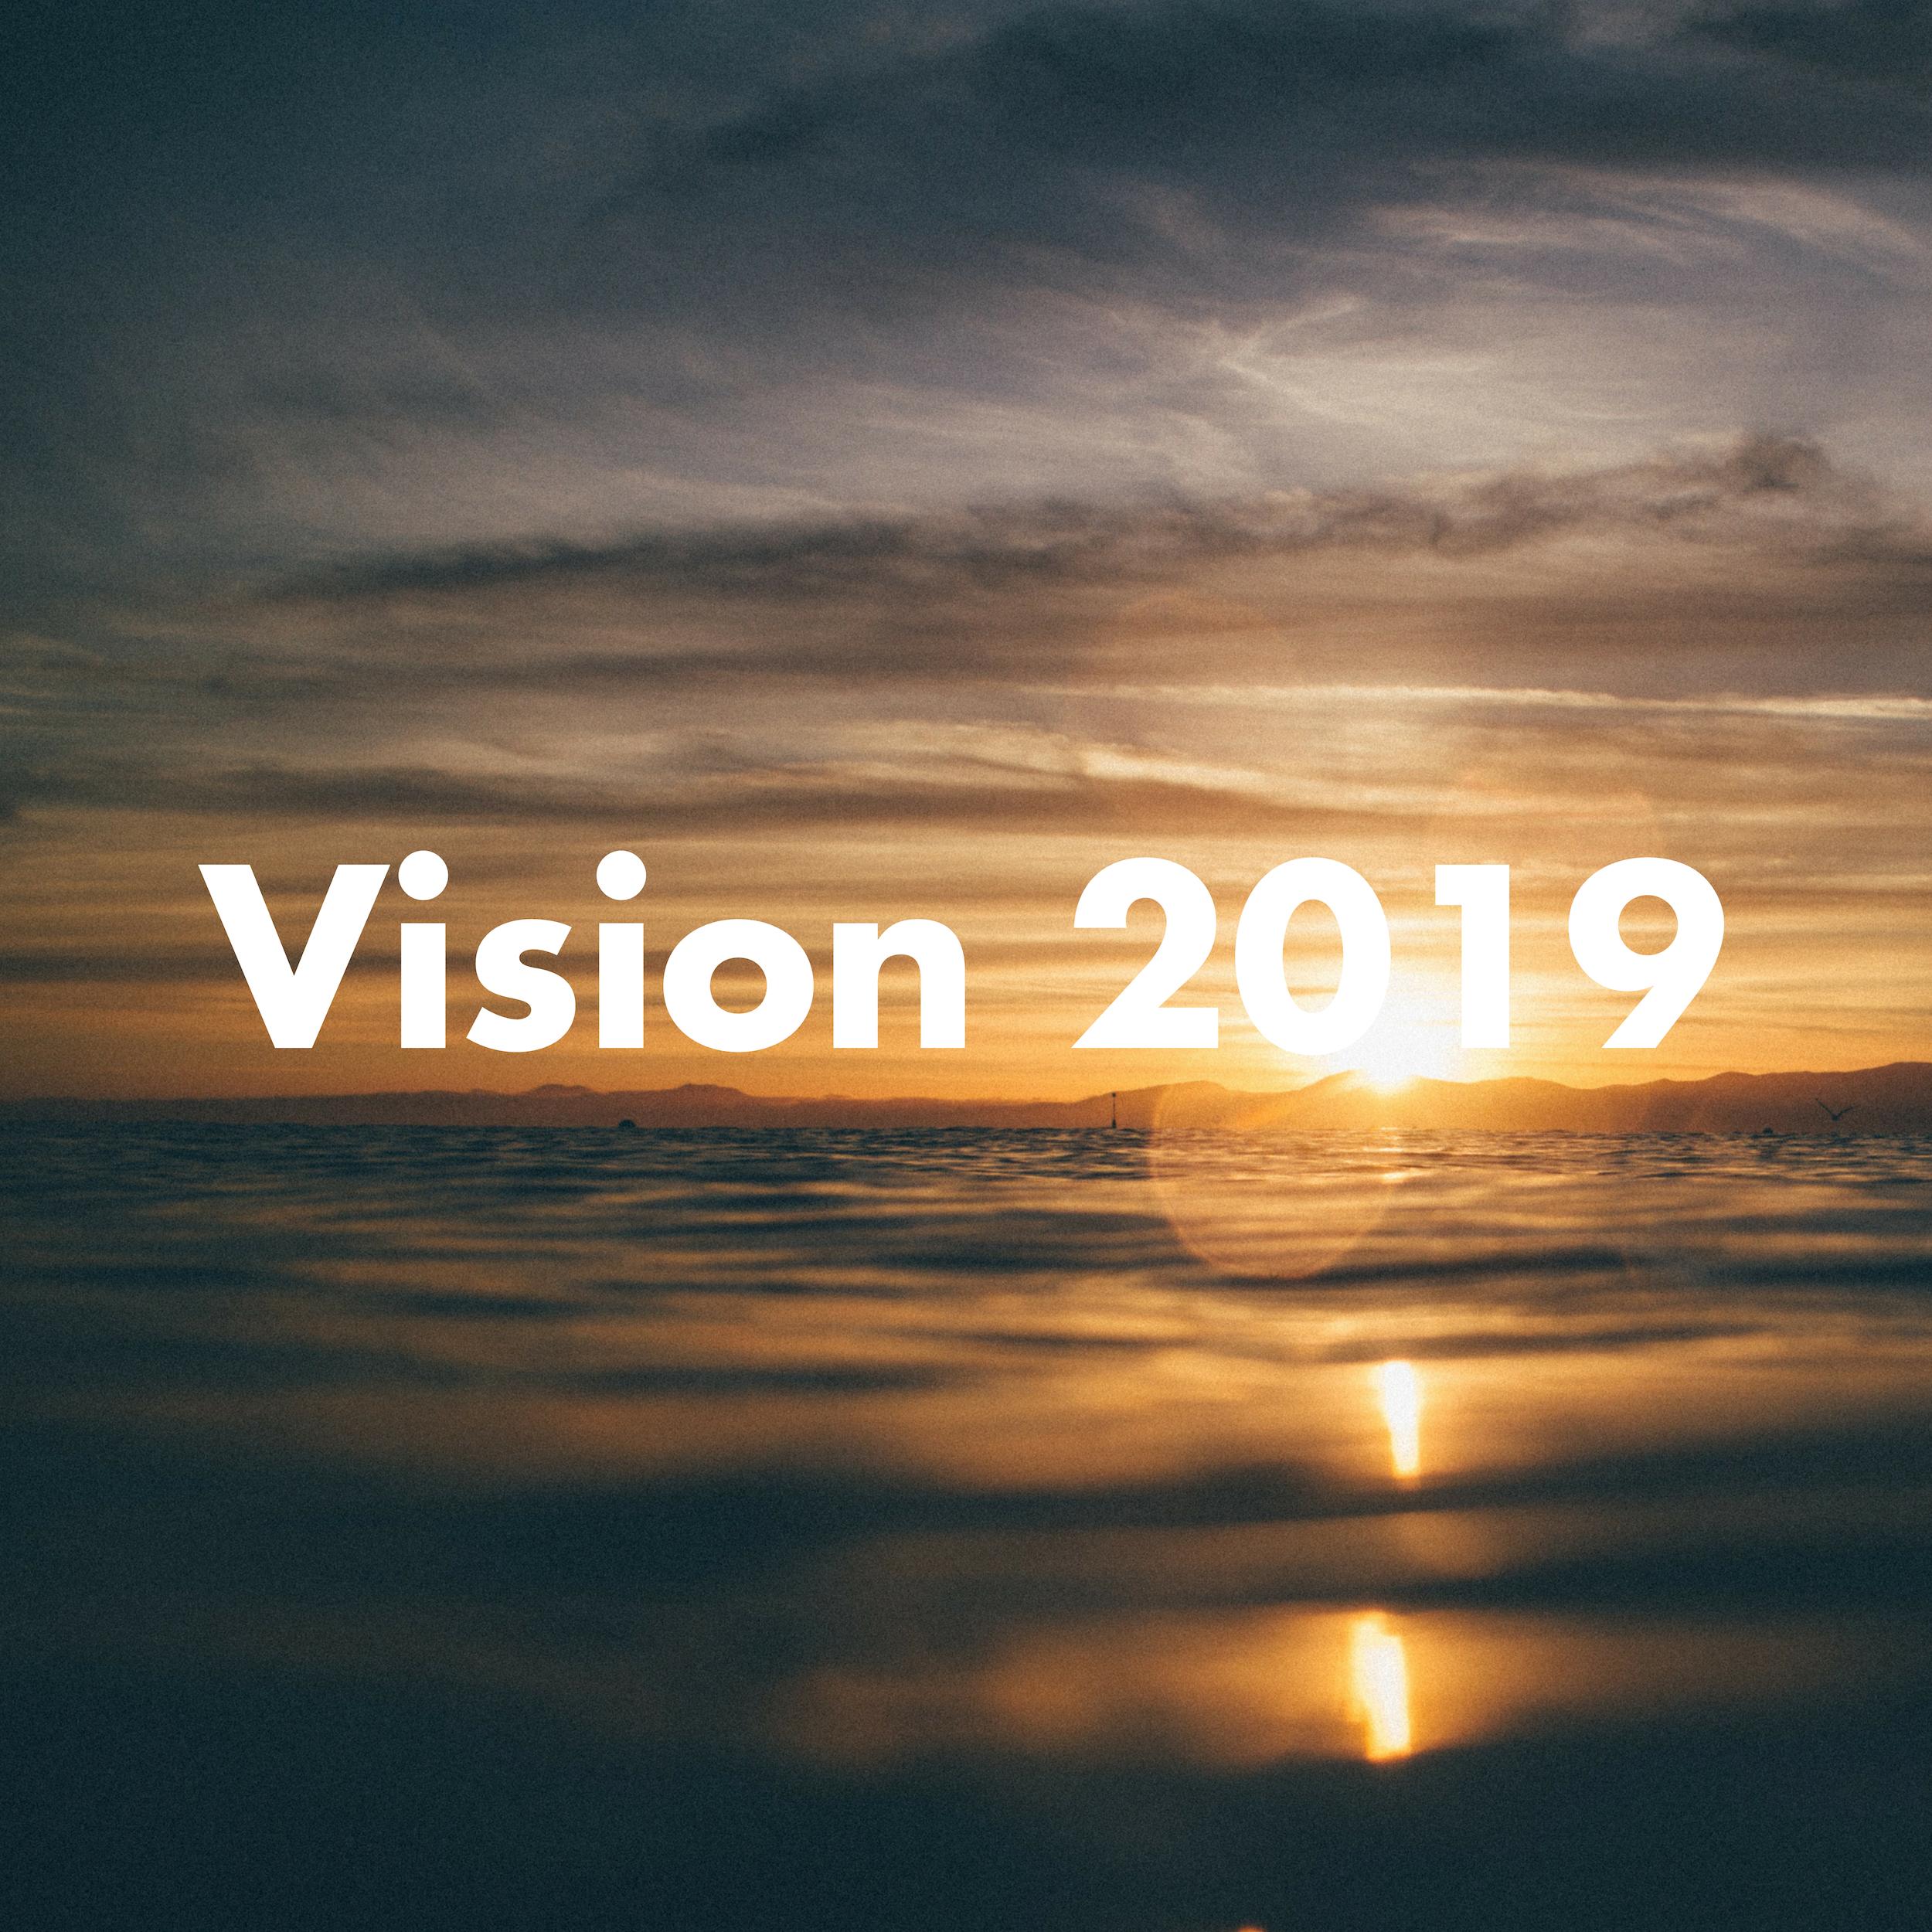 Vision 2019.jpg